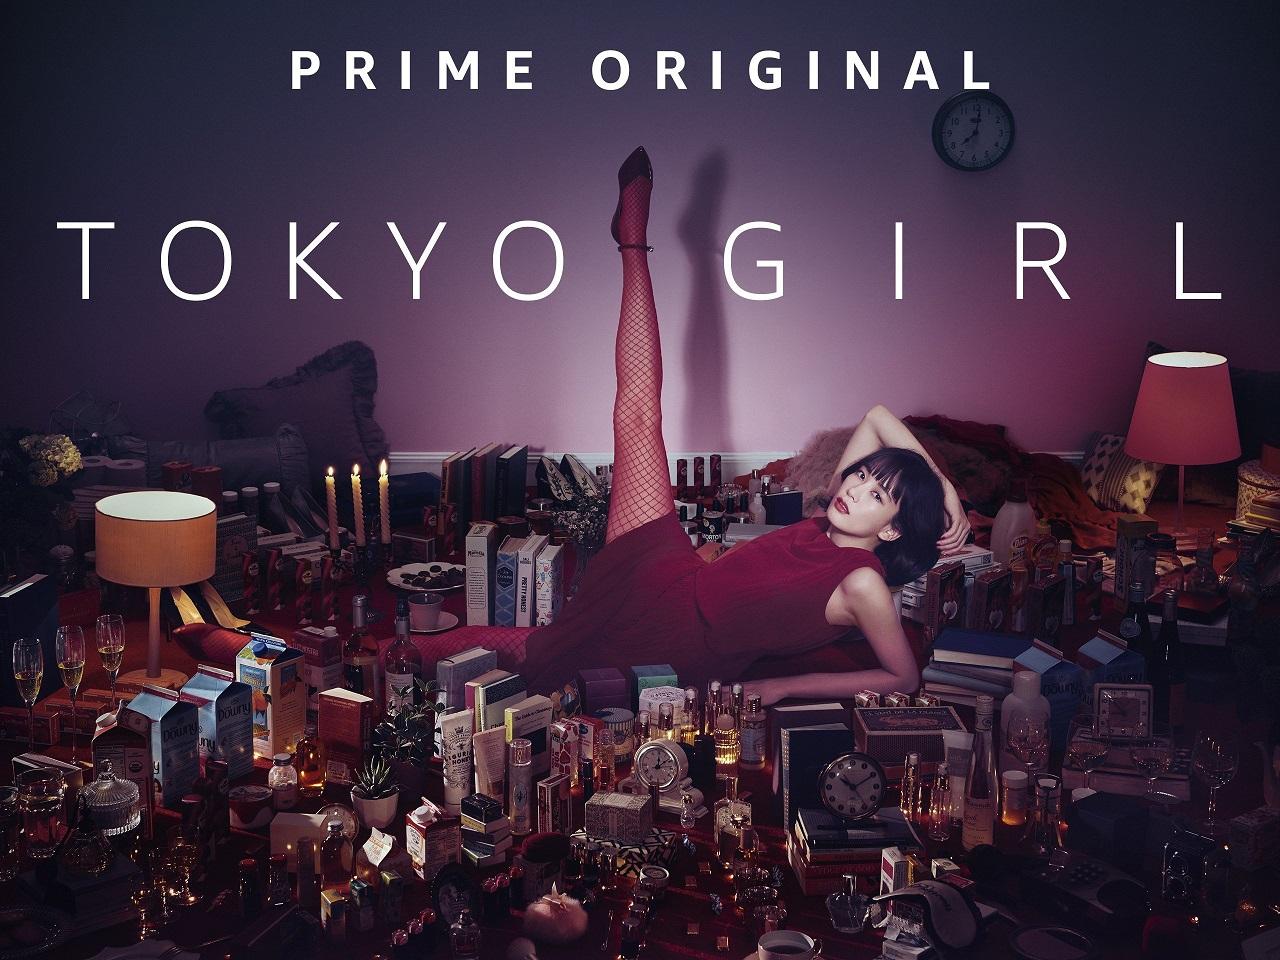 [SÉRIE] Tokyo Girl Guide: reflexões sobre ser mulher em um dos melhores doramas de todos os tempos